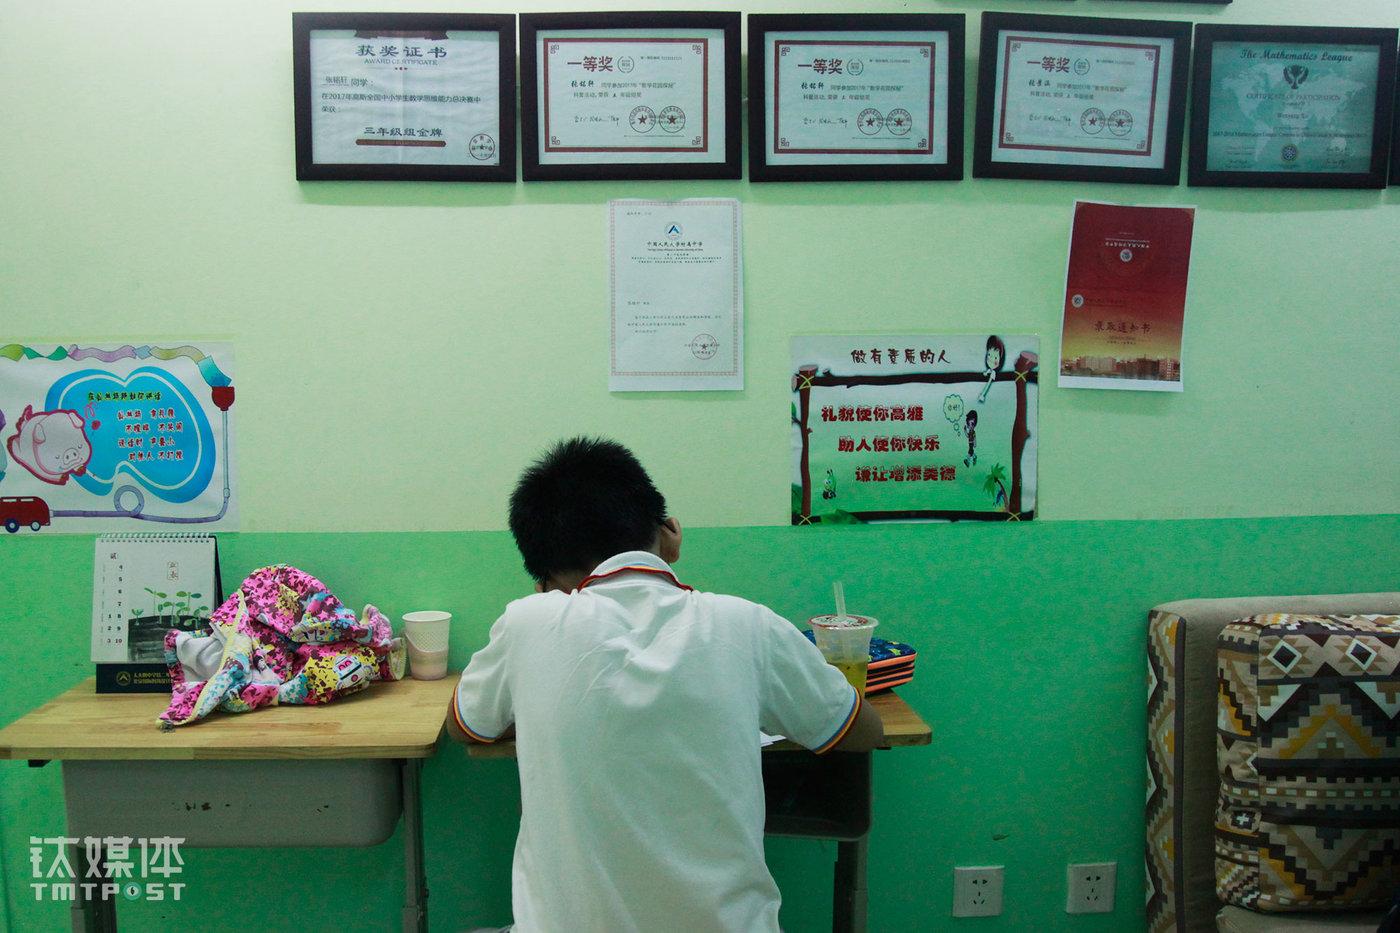 2018年9月14日16:40,北京中关村,课外辅导培训学校博思教育,六年级学生多多在做作业,他刚刚在这里完成一堂一对一辅导的奥数课,一个小时后,他将赶场到另一个辅导学校上语文辅导课。